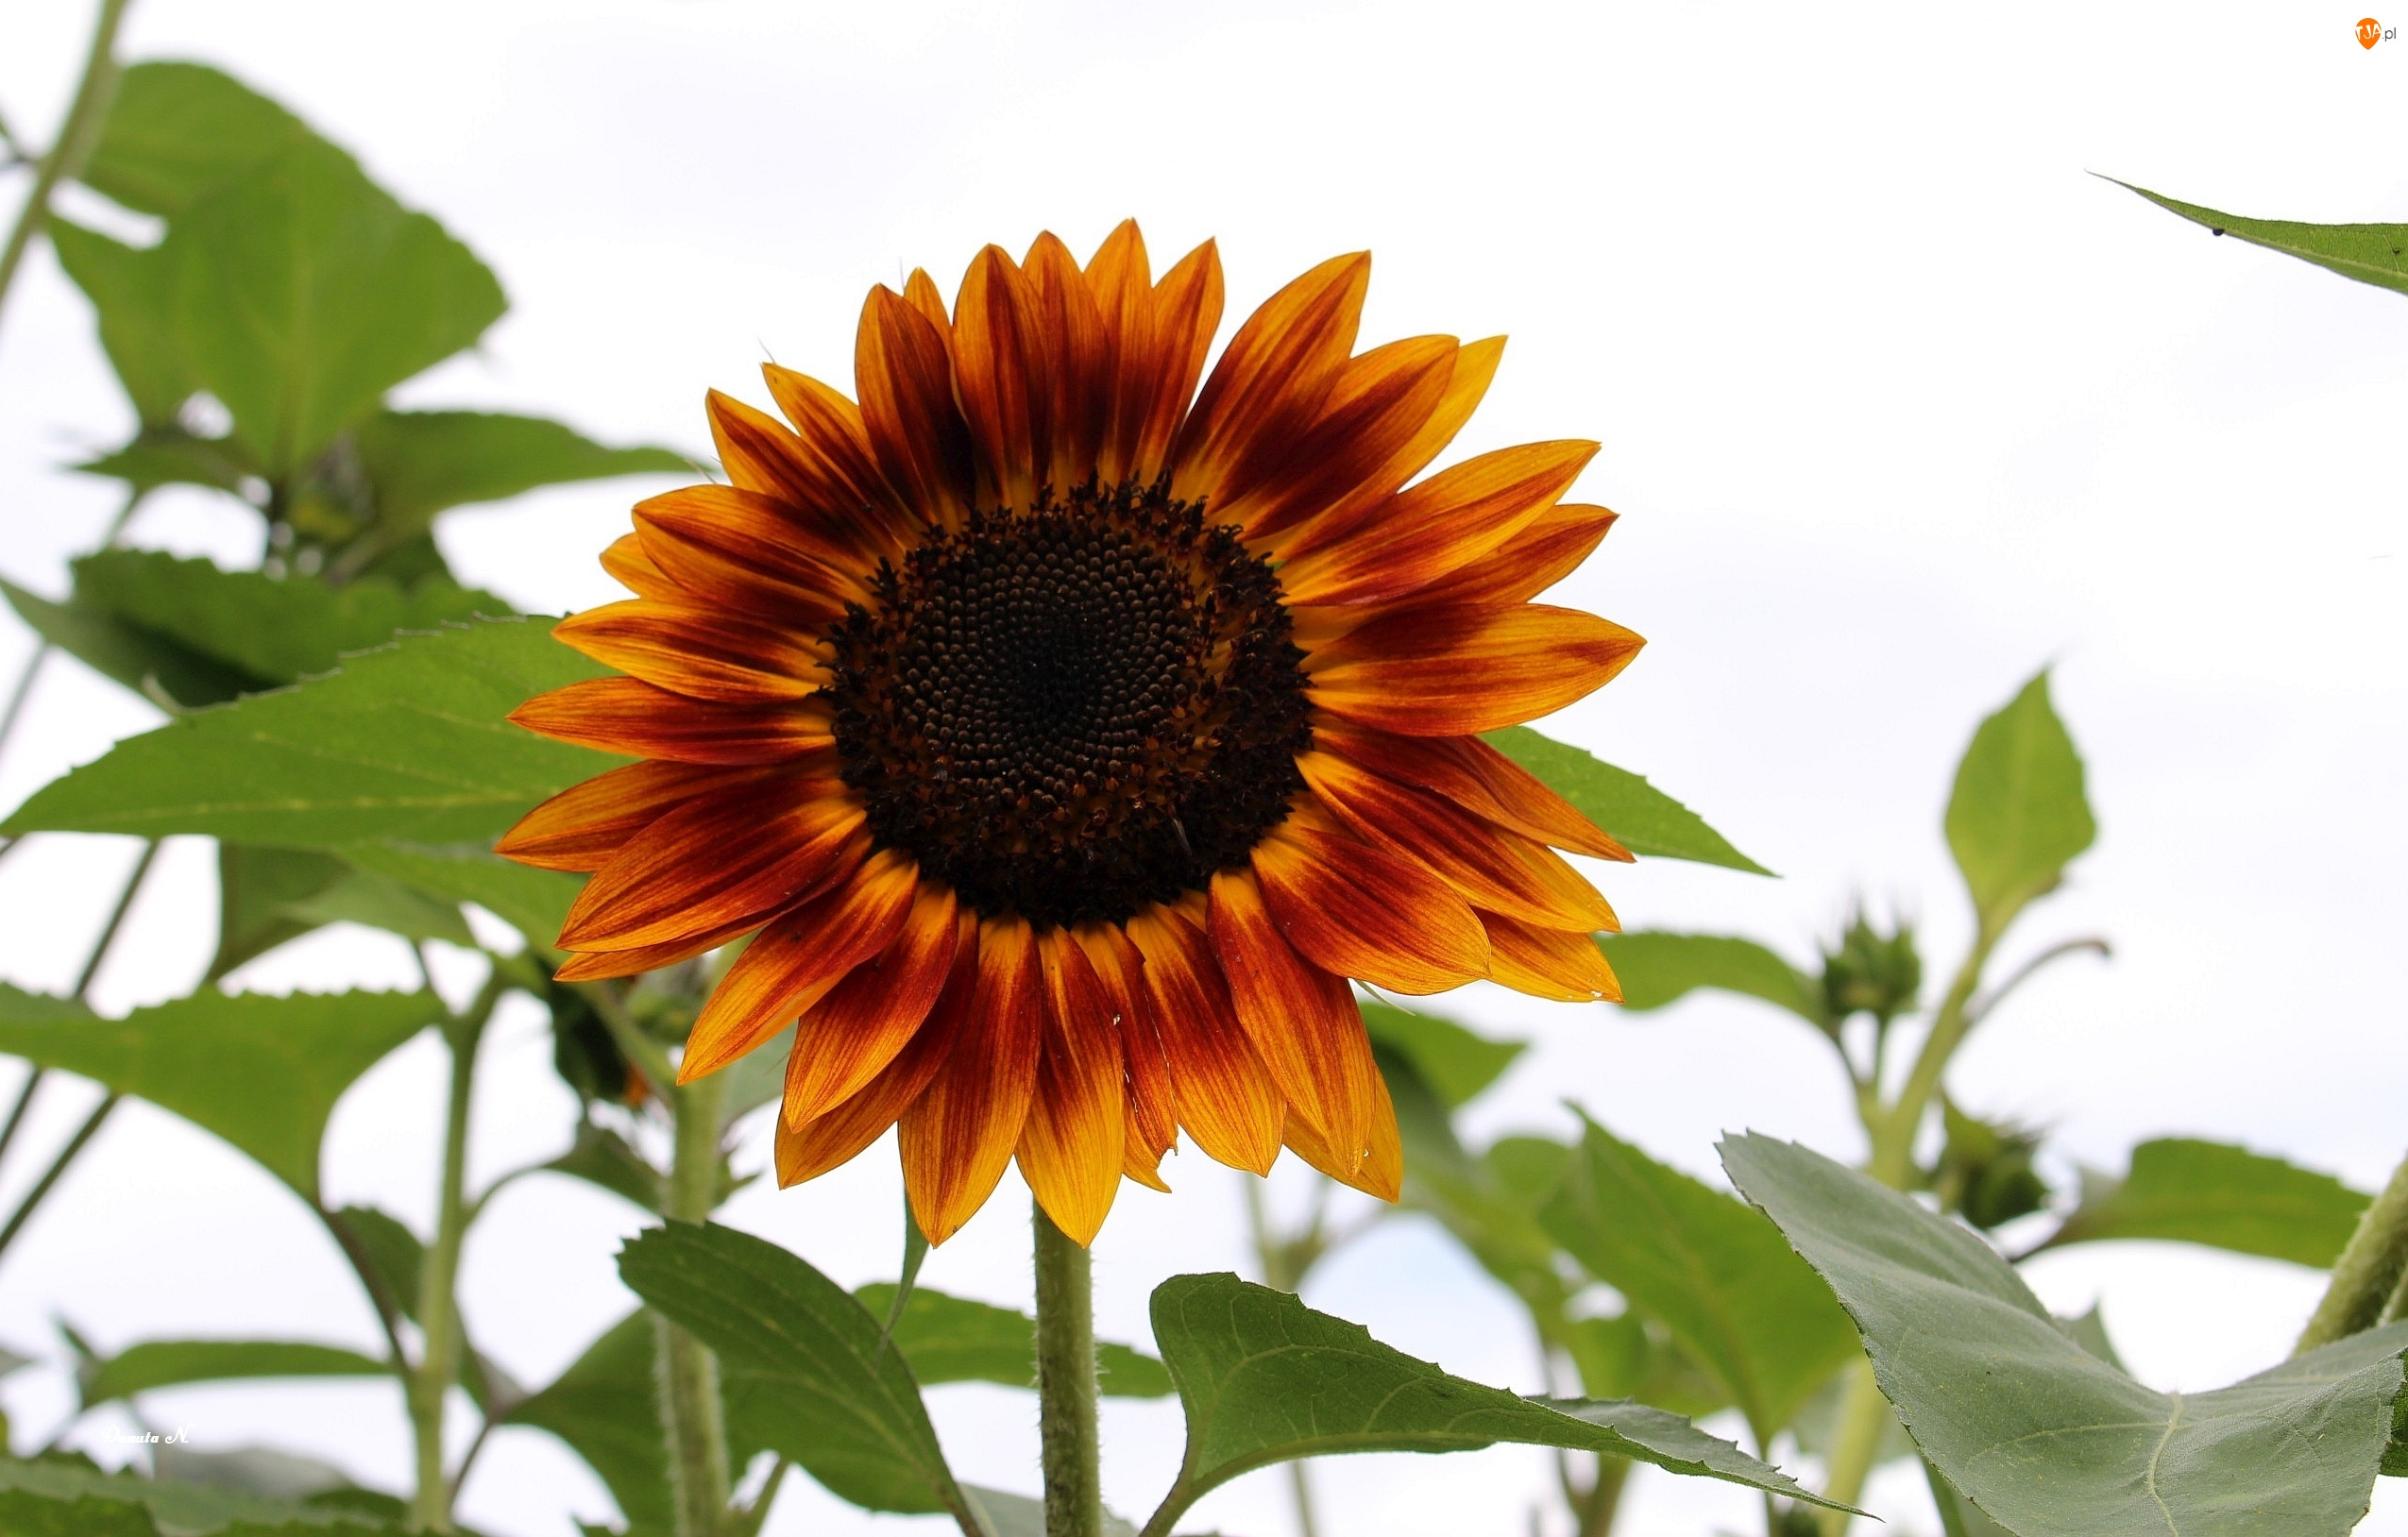 Lato, Słonecznik, Liście